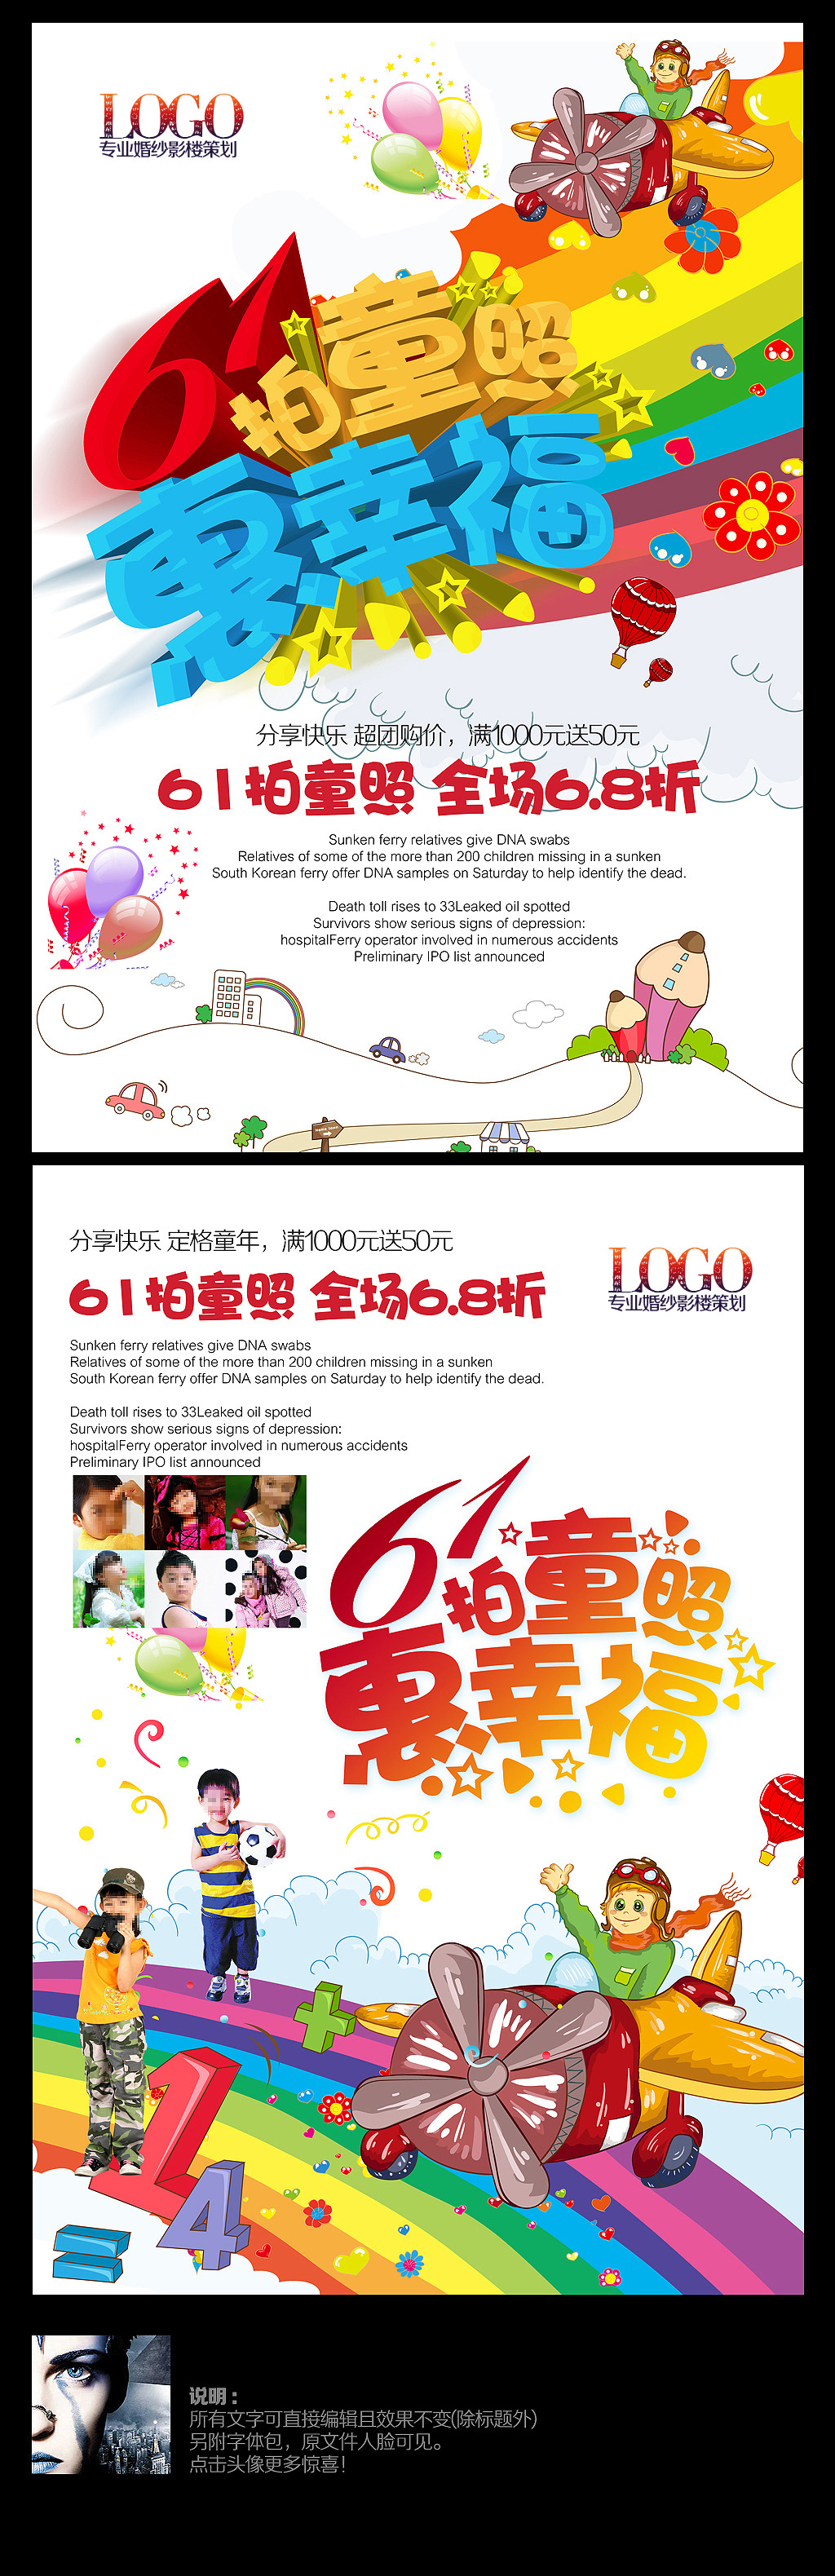 六一儿童节活动促销图片下载